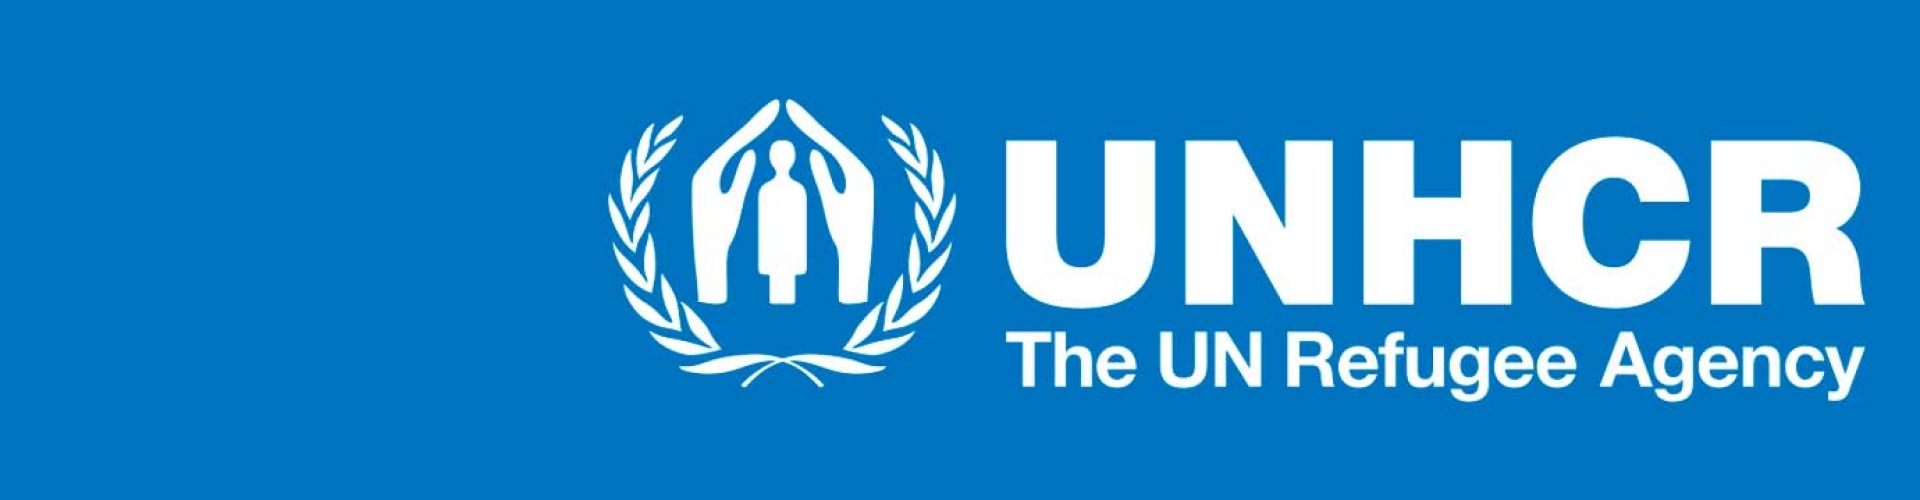 แถลงการณ์จากนายฟิลลิปโป กรันดี ข้าหลวงใหญ่ UNHCR ต่อเหตุการณ์ระเบิดที่กรุงเบรุต ประเทศเลบานอน